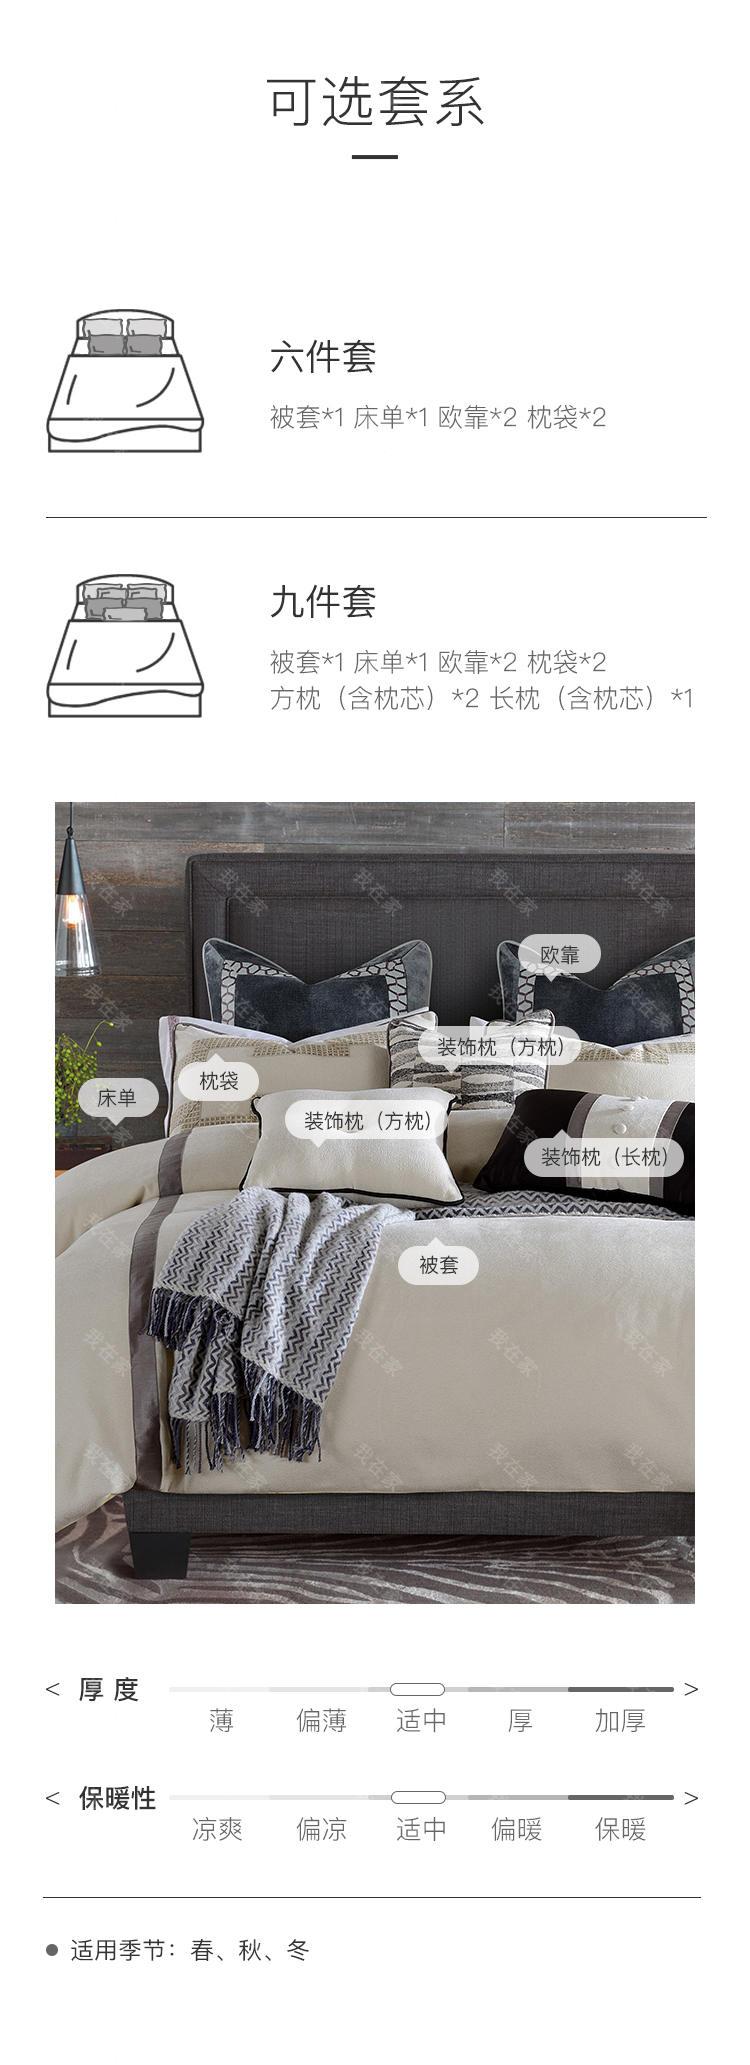 carolina home品牌艾布纳高支奢密床品套件的详细介绍